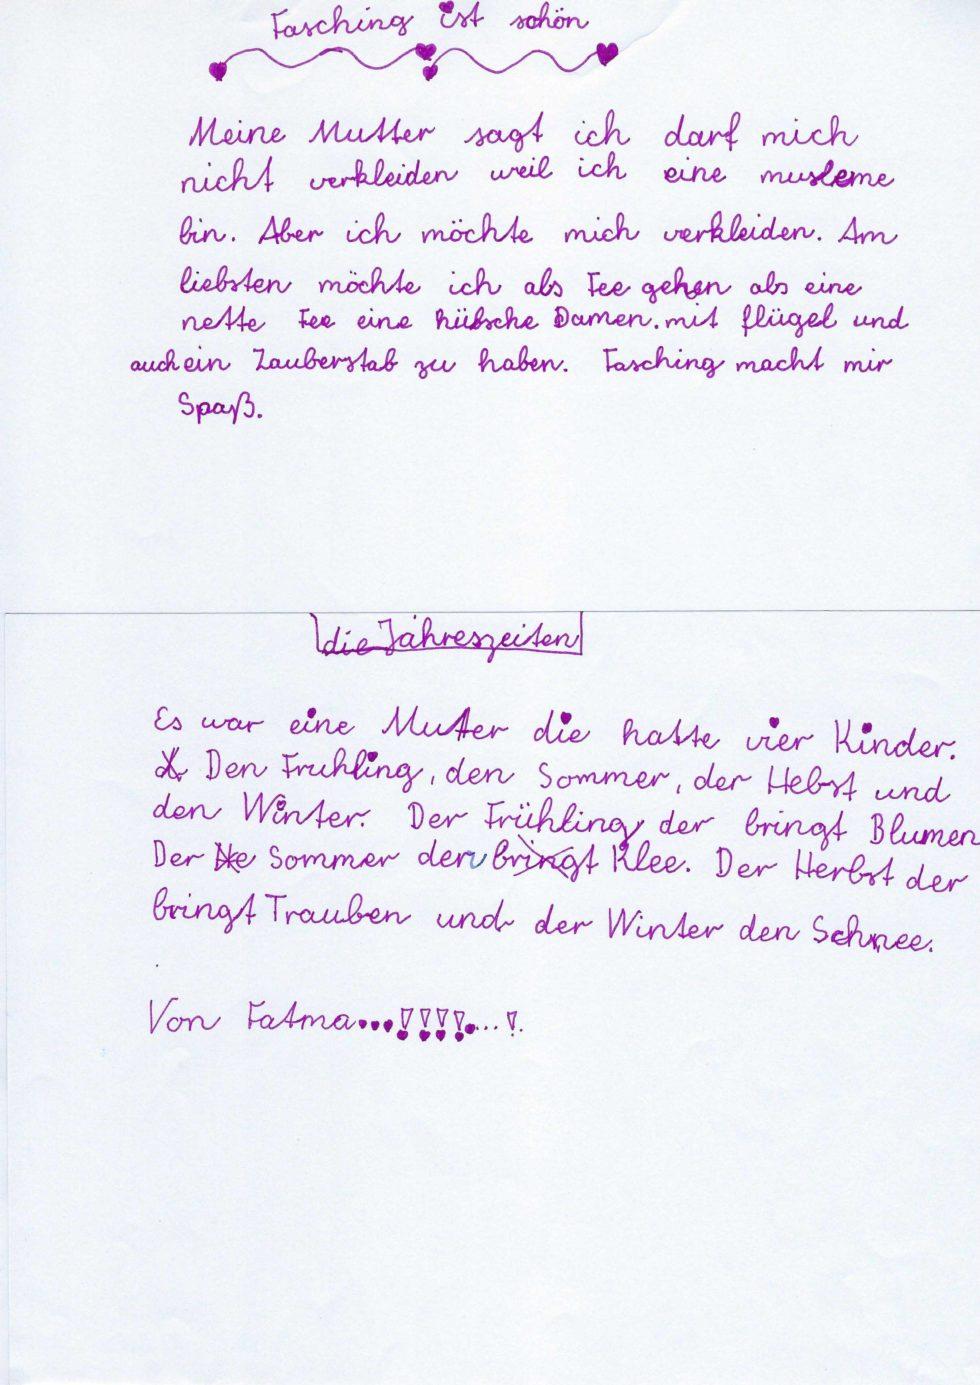 Schulprojekt2004_Die Werke der Kinder_Seite_16